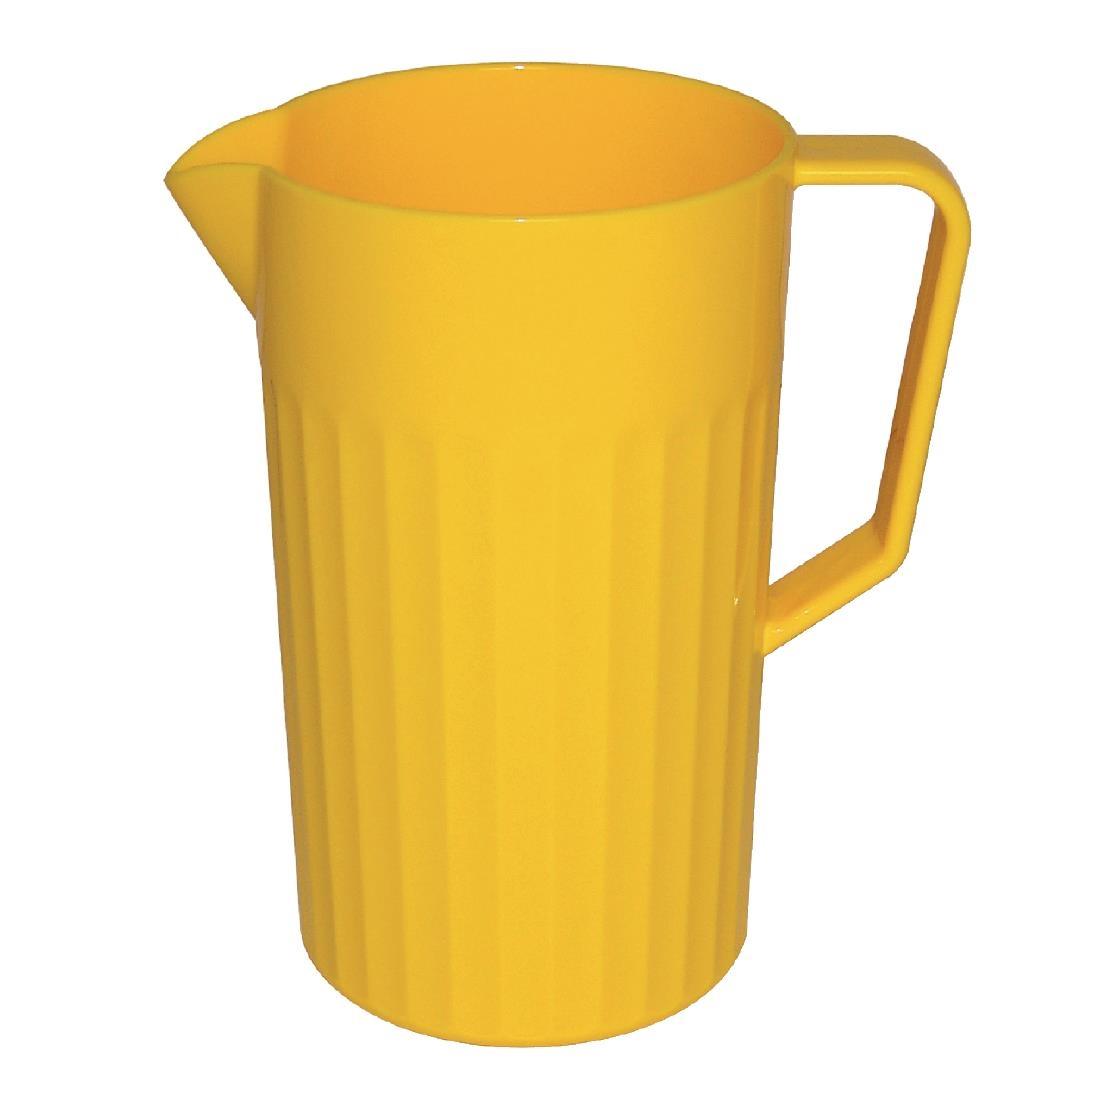 Jug - Yellow